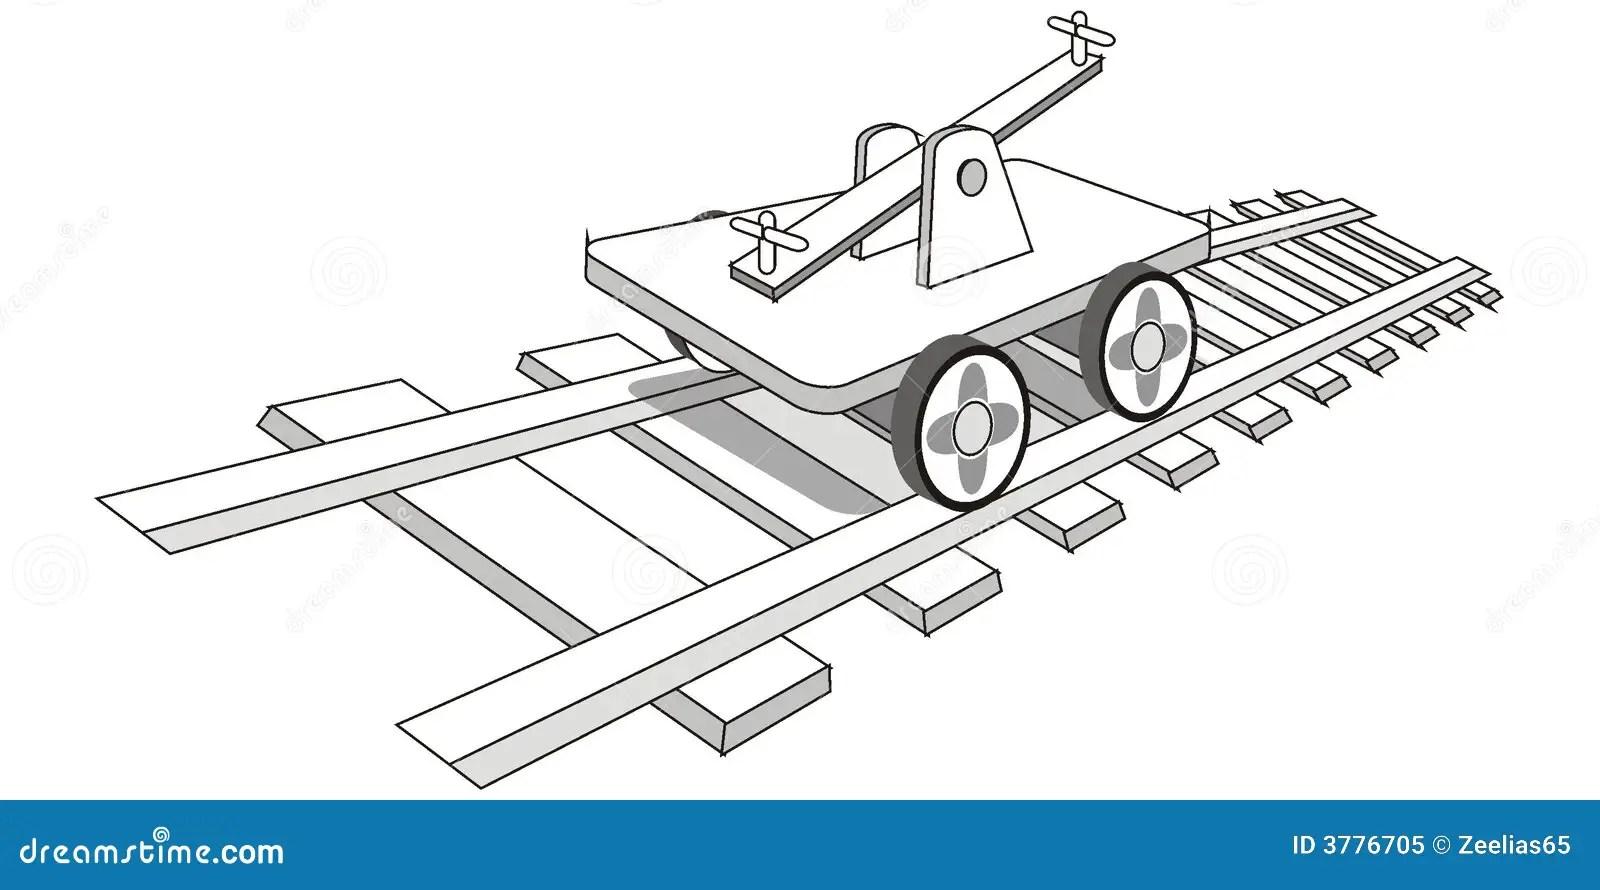 Lexus Hitch Wiring Harness. Lexus. Auto Wiring Diagram